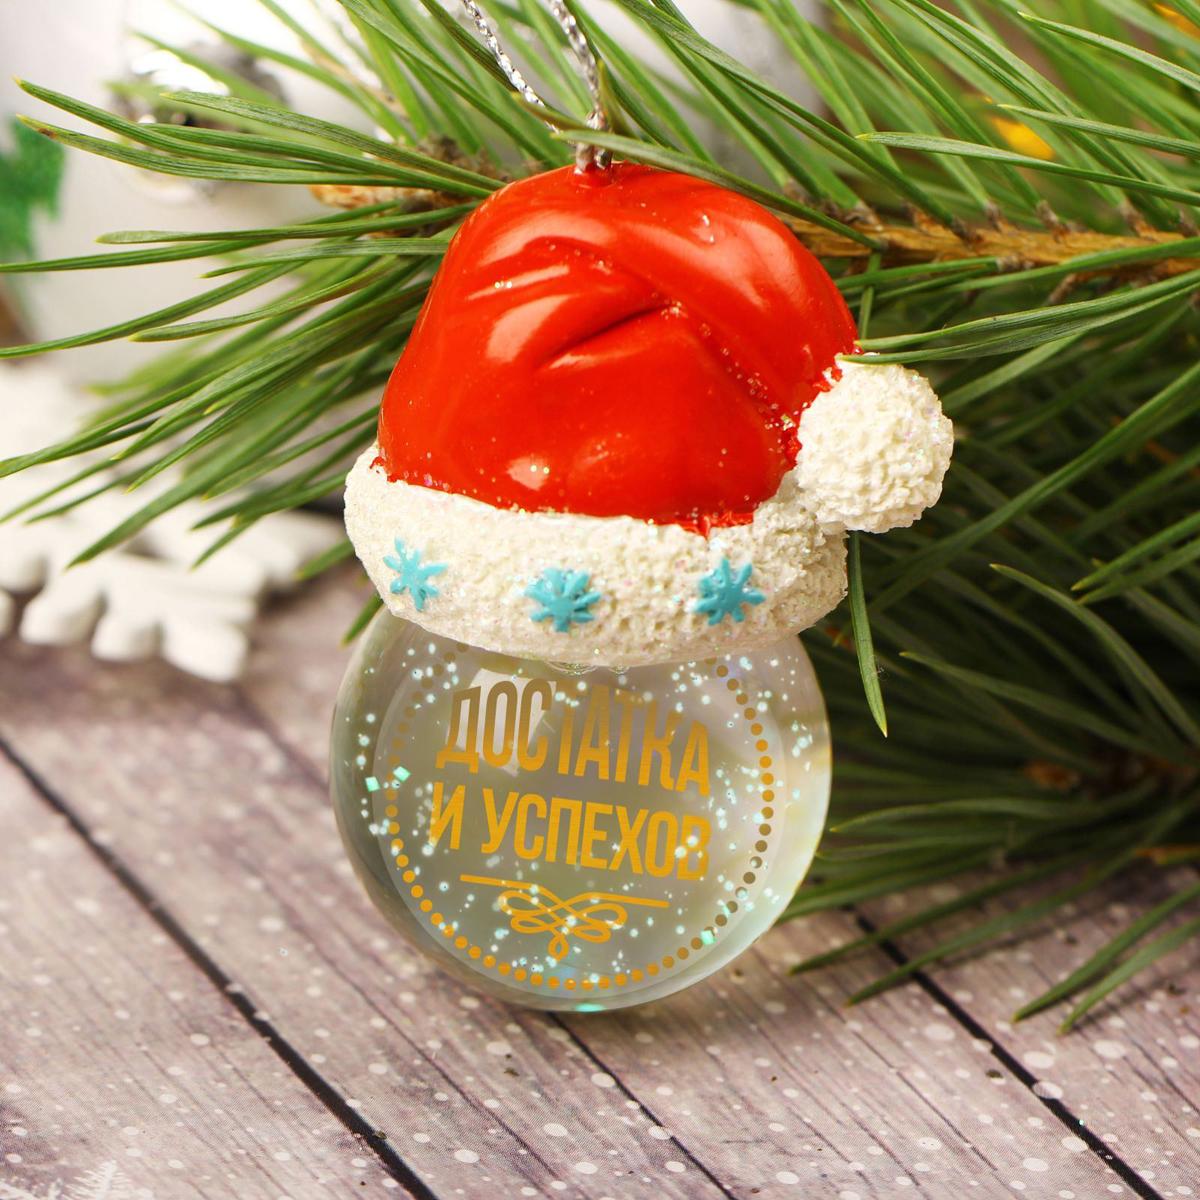 Новогоднее подвесное украшение Sima-land Большого достатка, светящееся, 6,3 см1366201Новогоднее украшение Sima-land отлично подойдет для декорации вашего дома и новогодней ели. Елочная игрушка - символ Нового года. Она несет в себе волшебство и красоту праздника. Такое украшение создаст в вашем доме атмосферу праздника, веселья и радости.